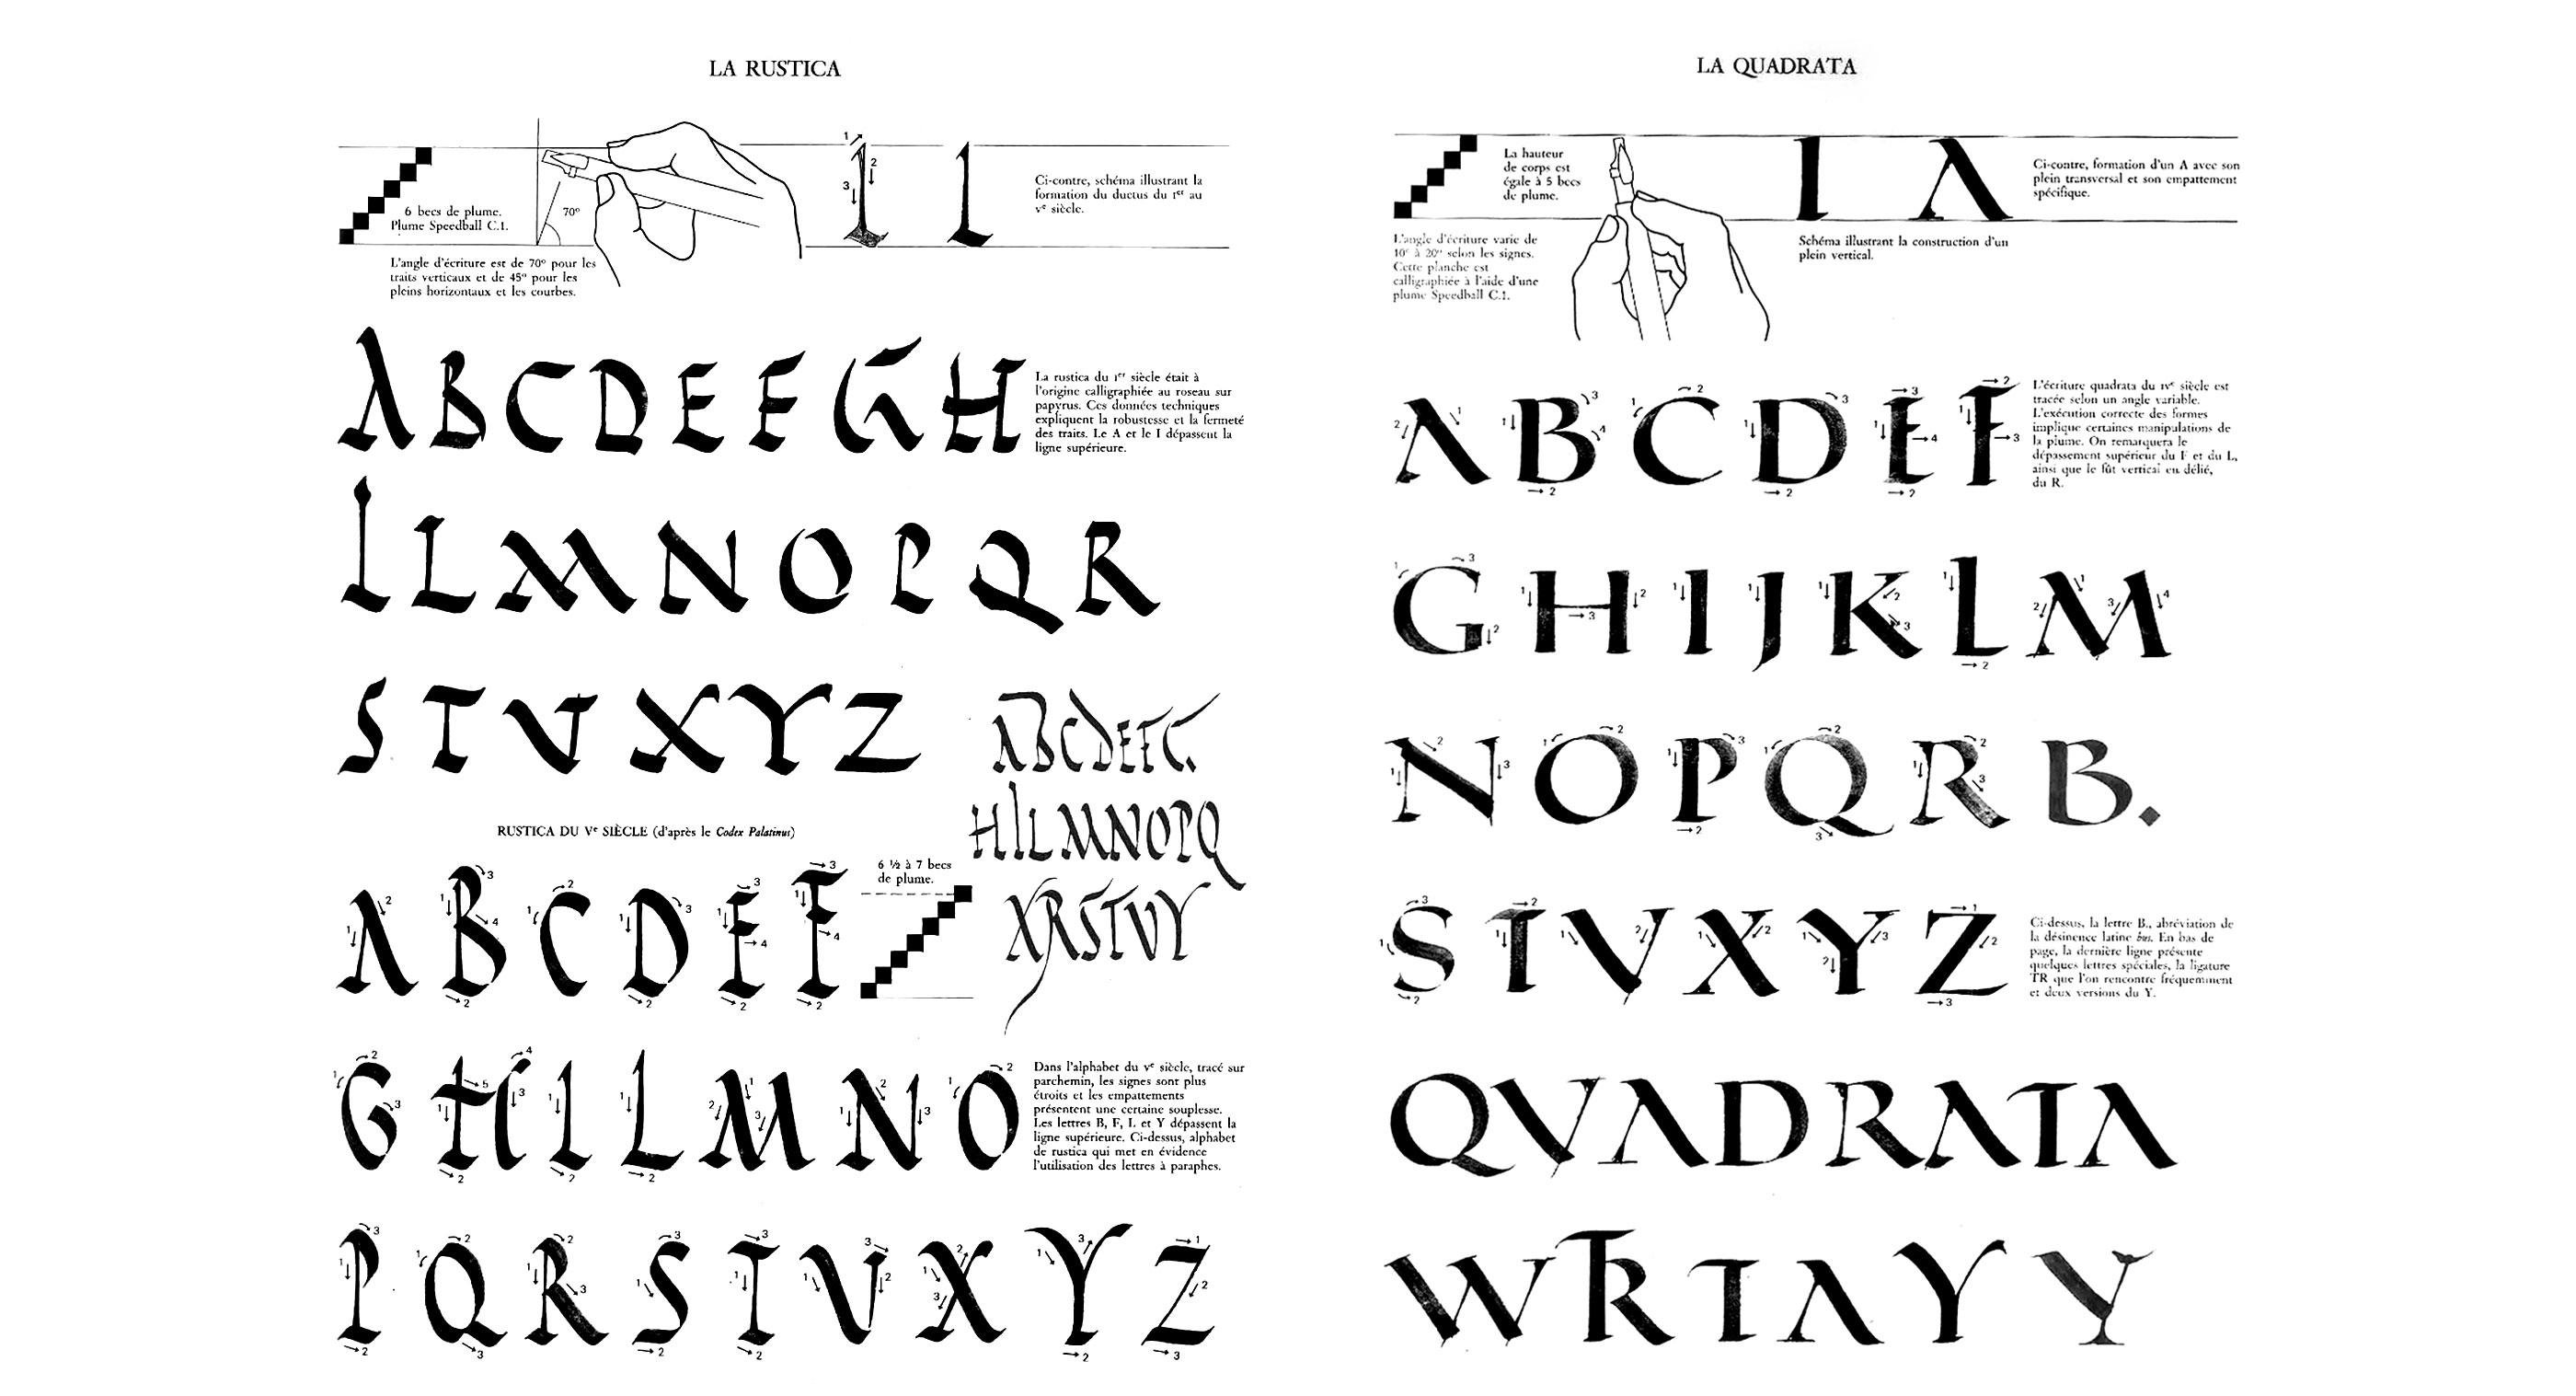 claude-mediavilla-calligraphie-rustica-quadrata-nb